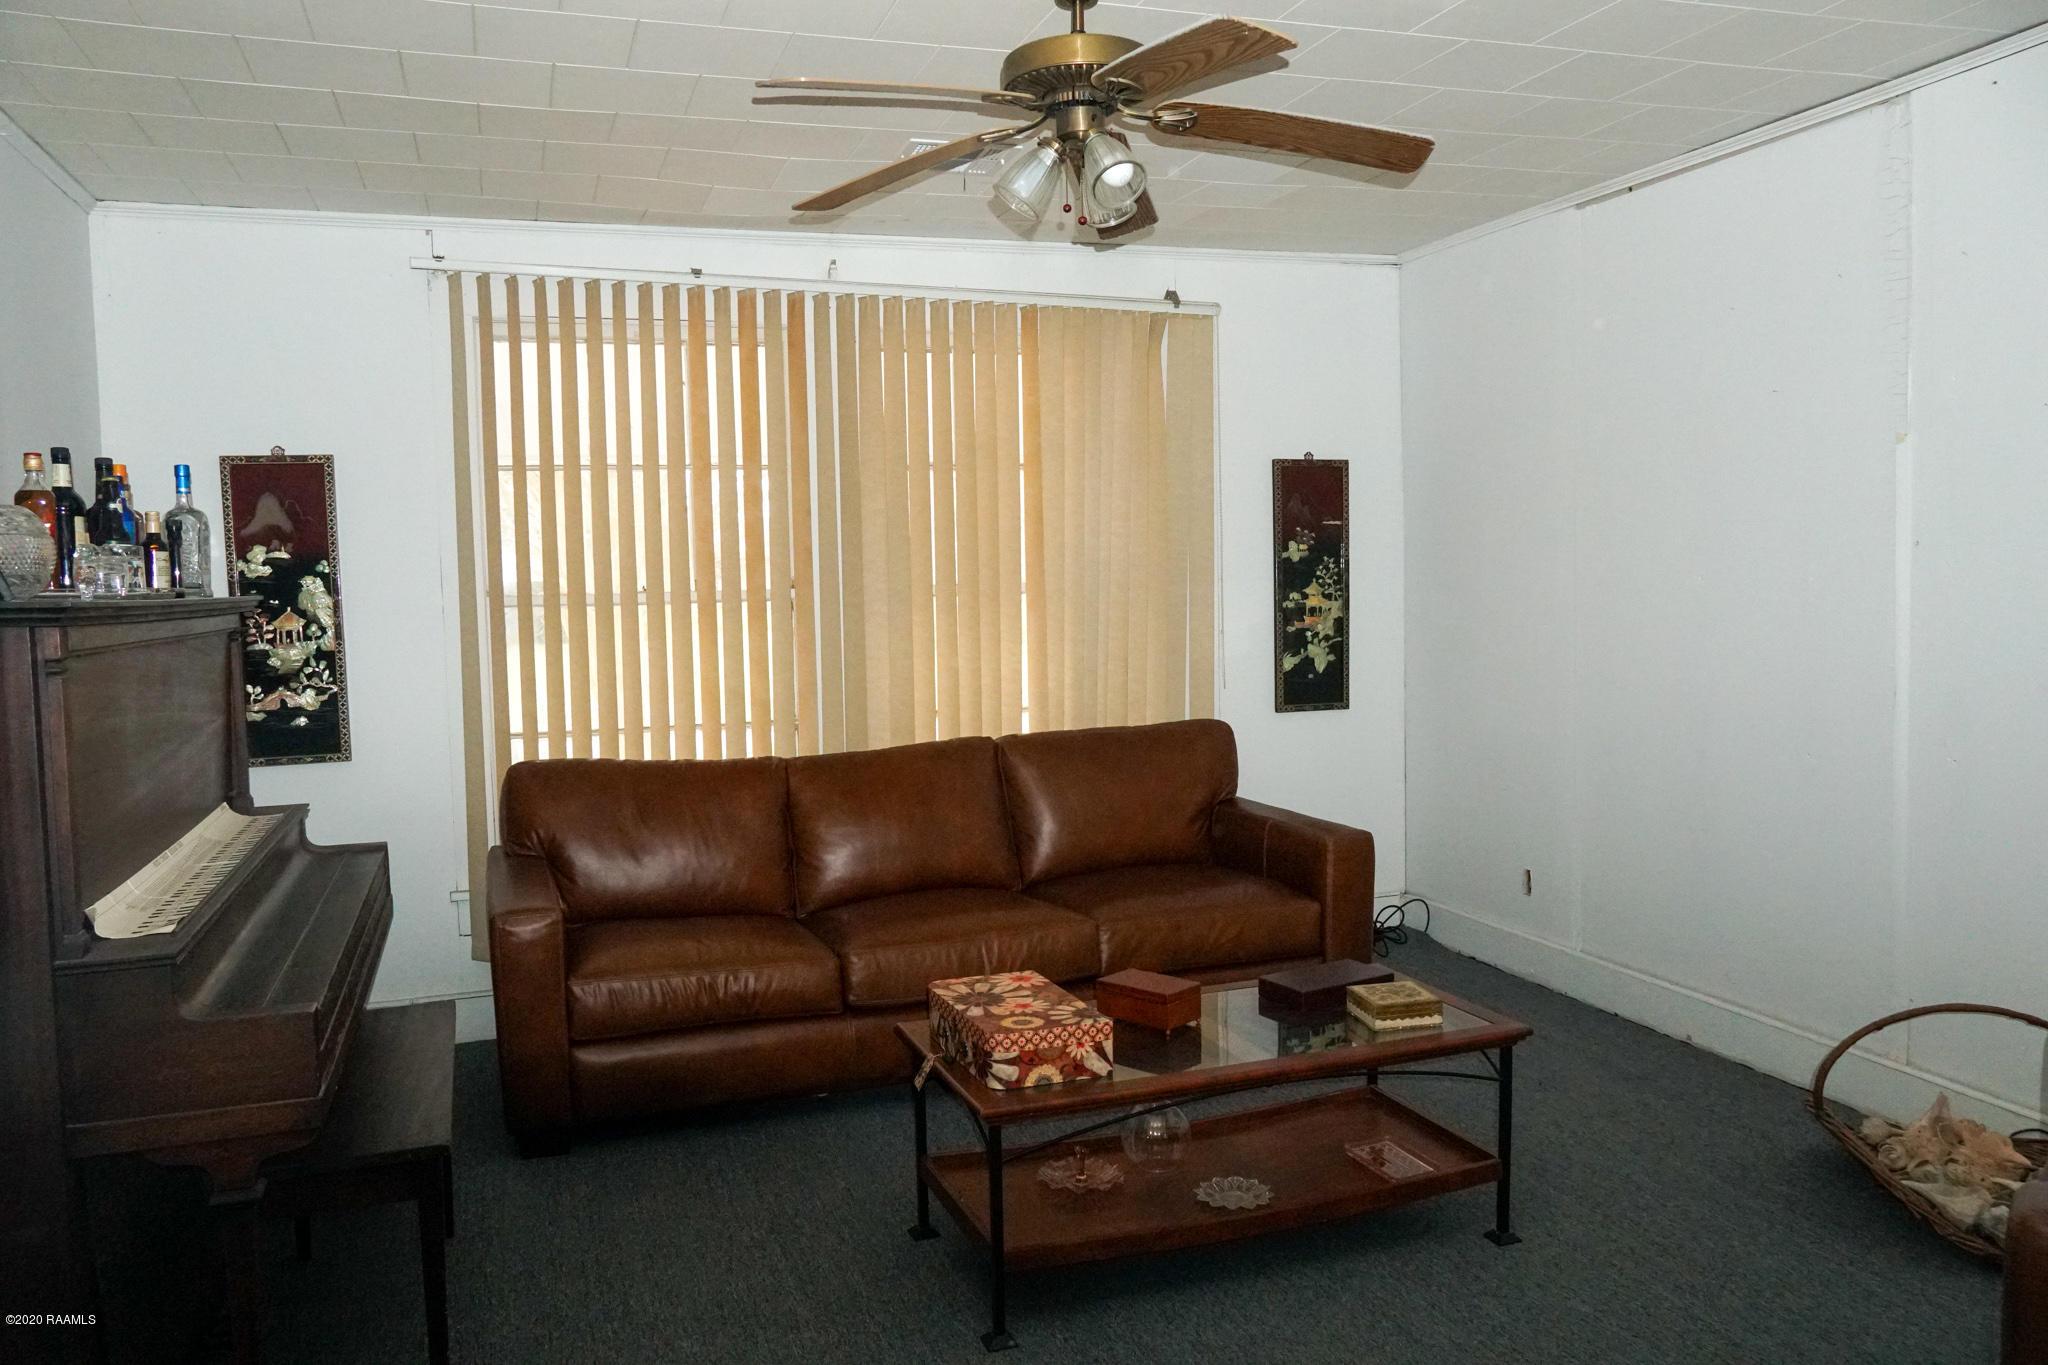 414 Rice Ln. Lane, Opelousas, LA 70570 Photo #8